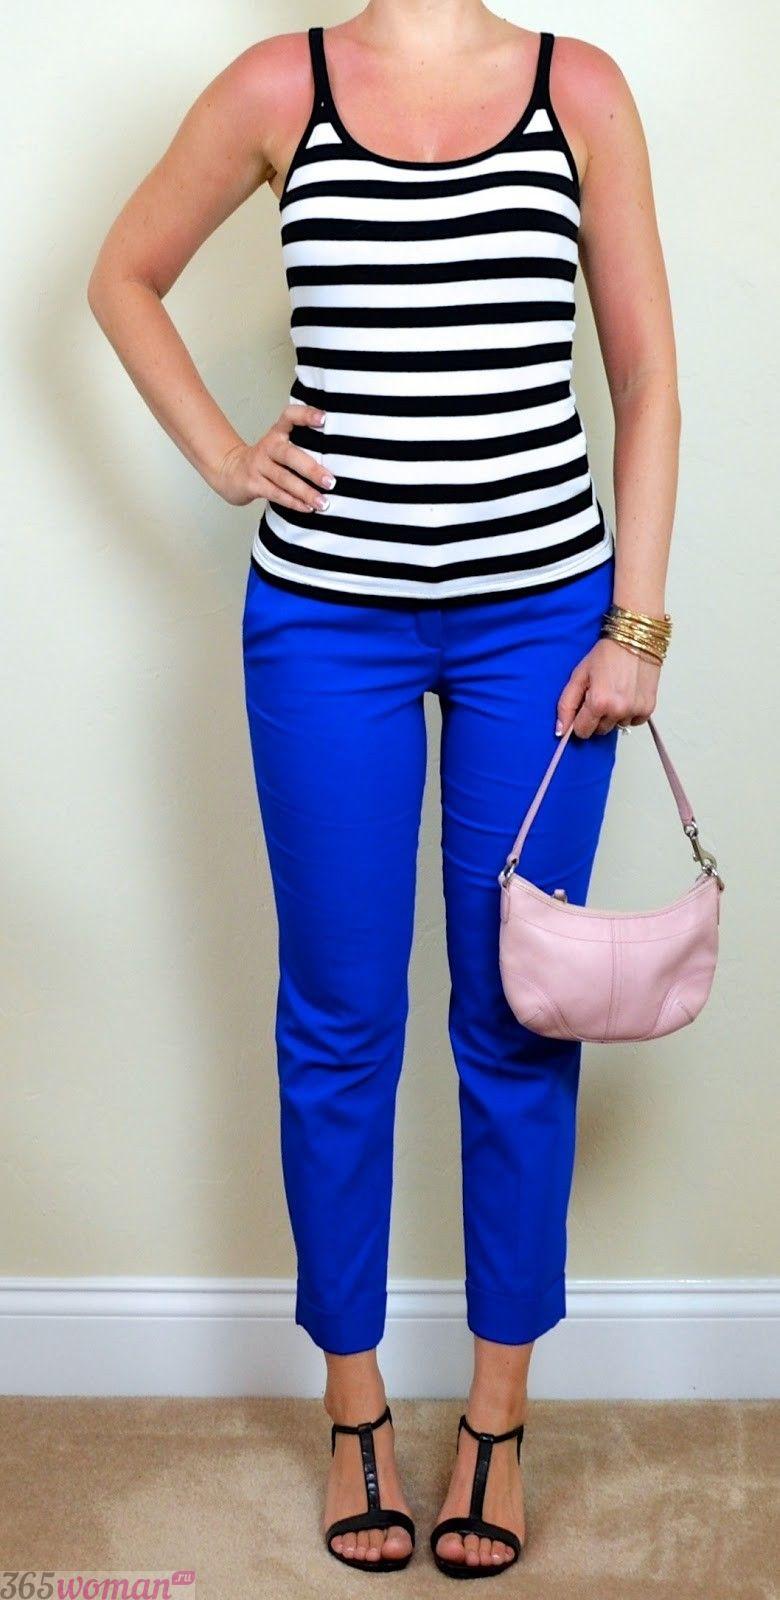 с чем носить классические ярко синие брюки и майка в полоску